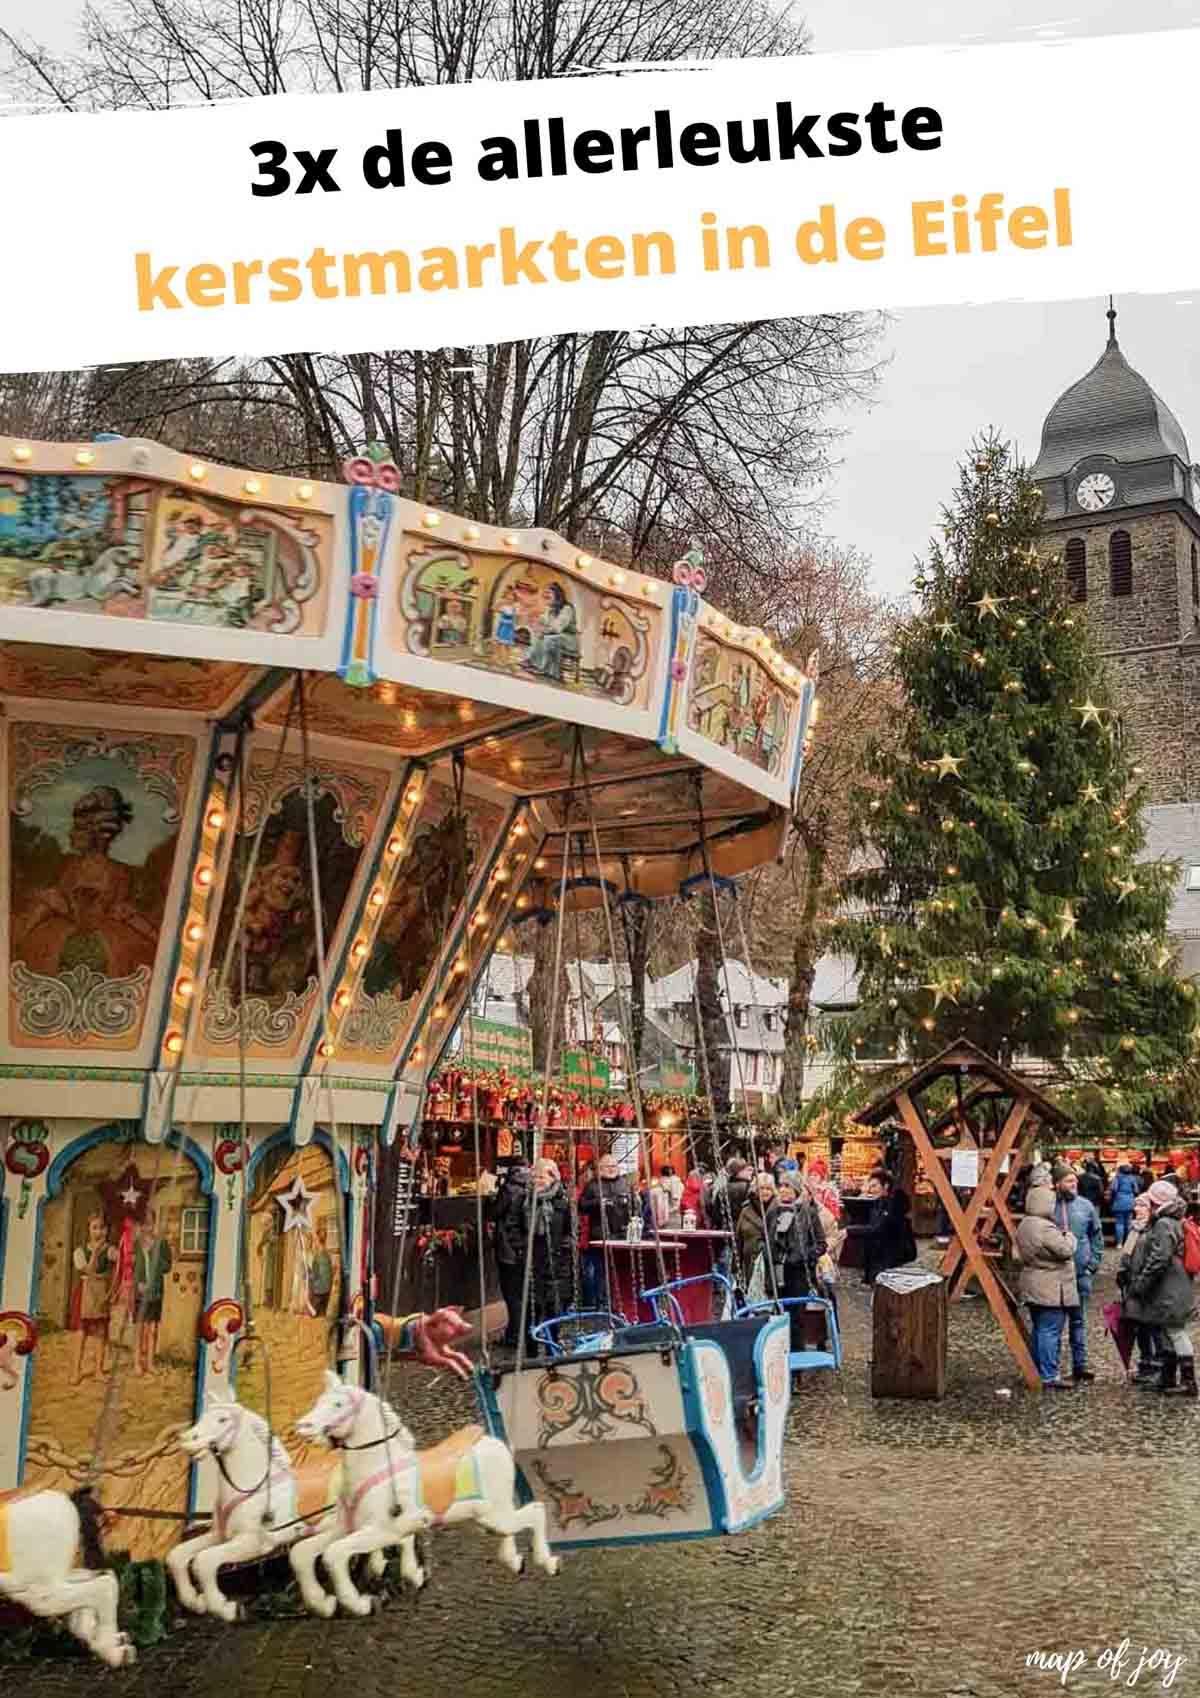 3x de allerleukste kerstmarkten in de Eifel - Map of Joy